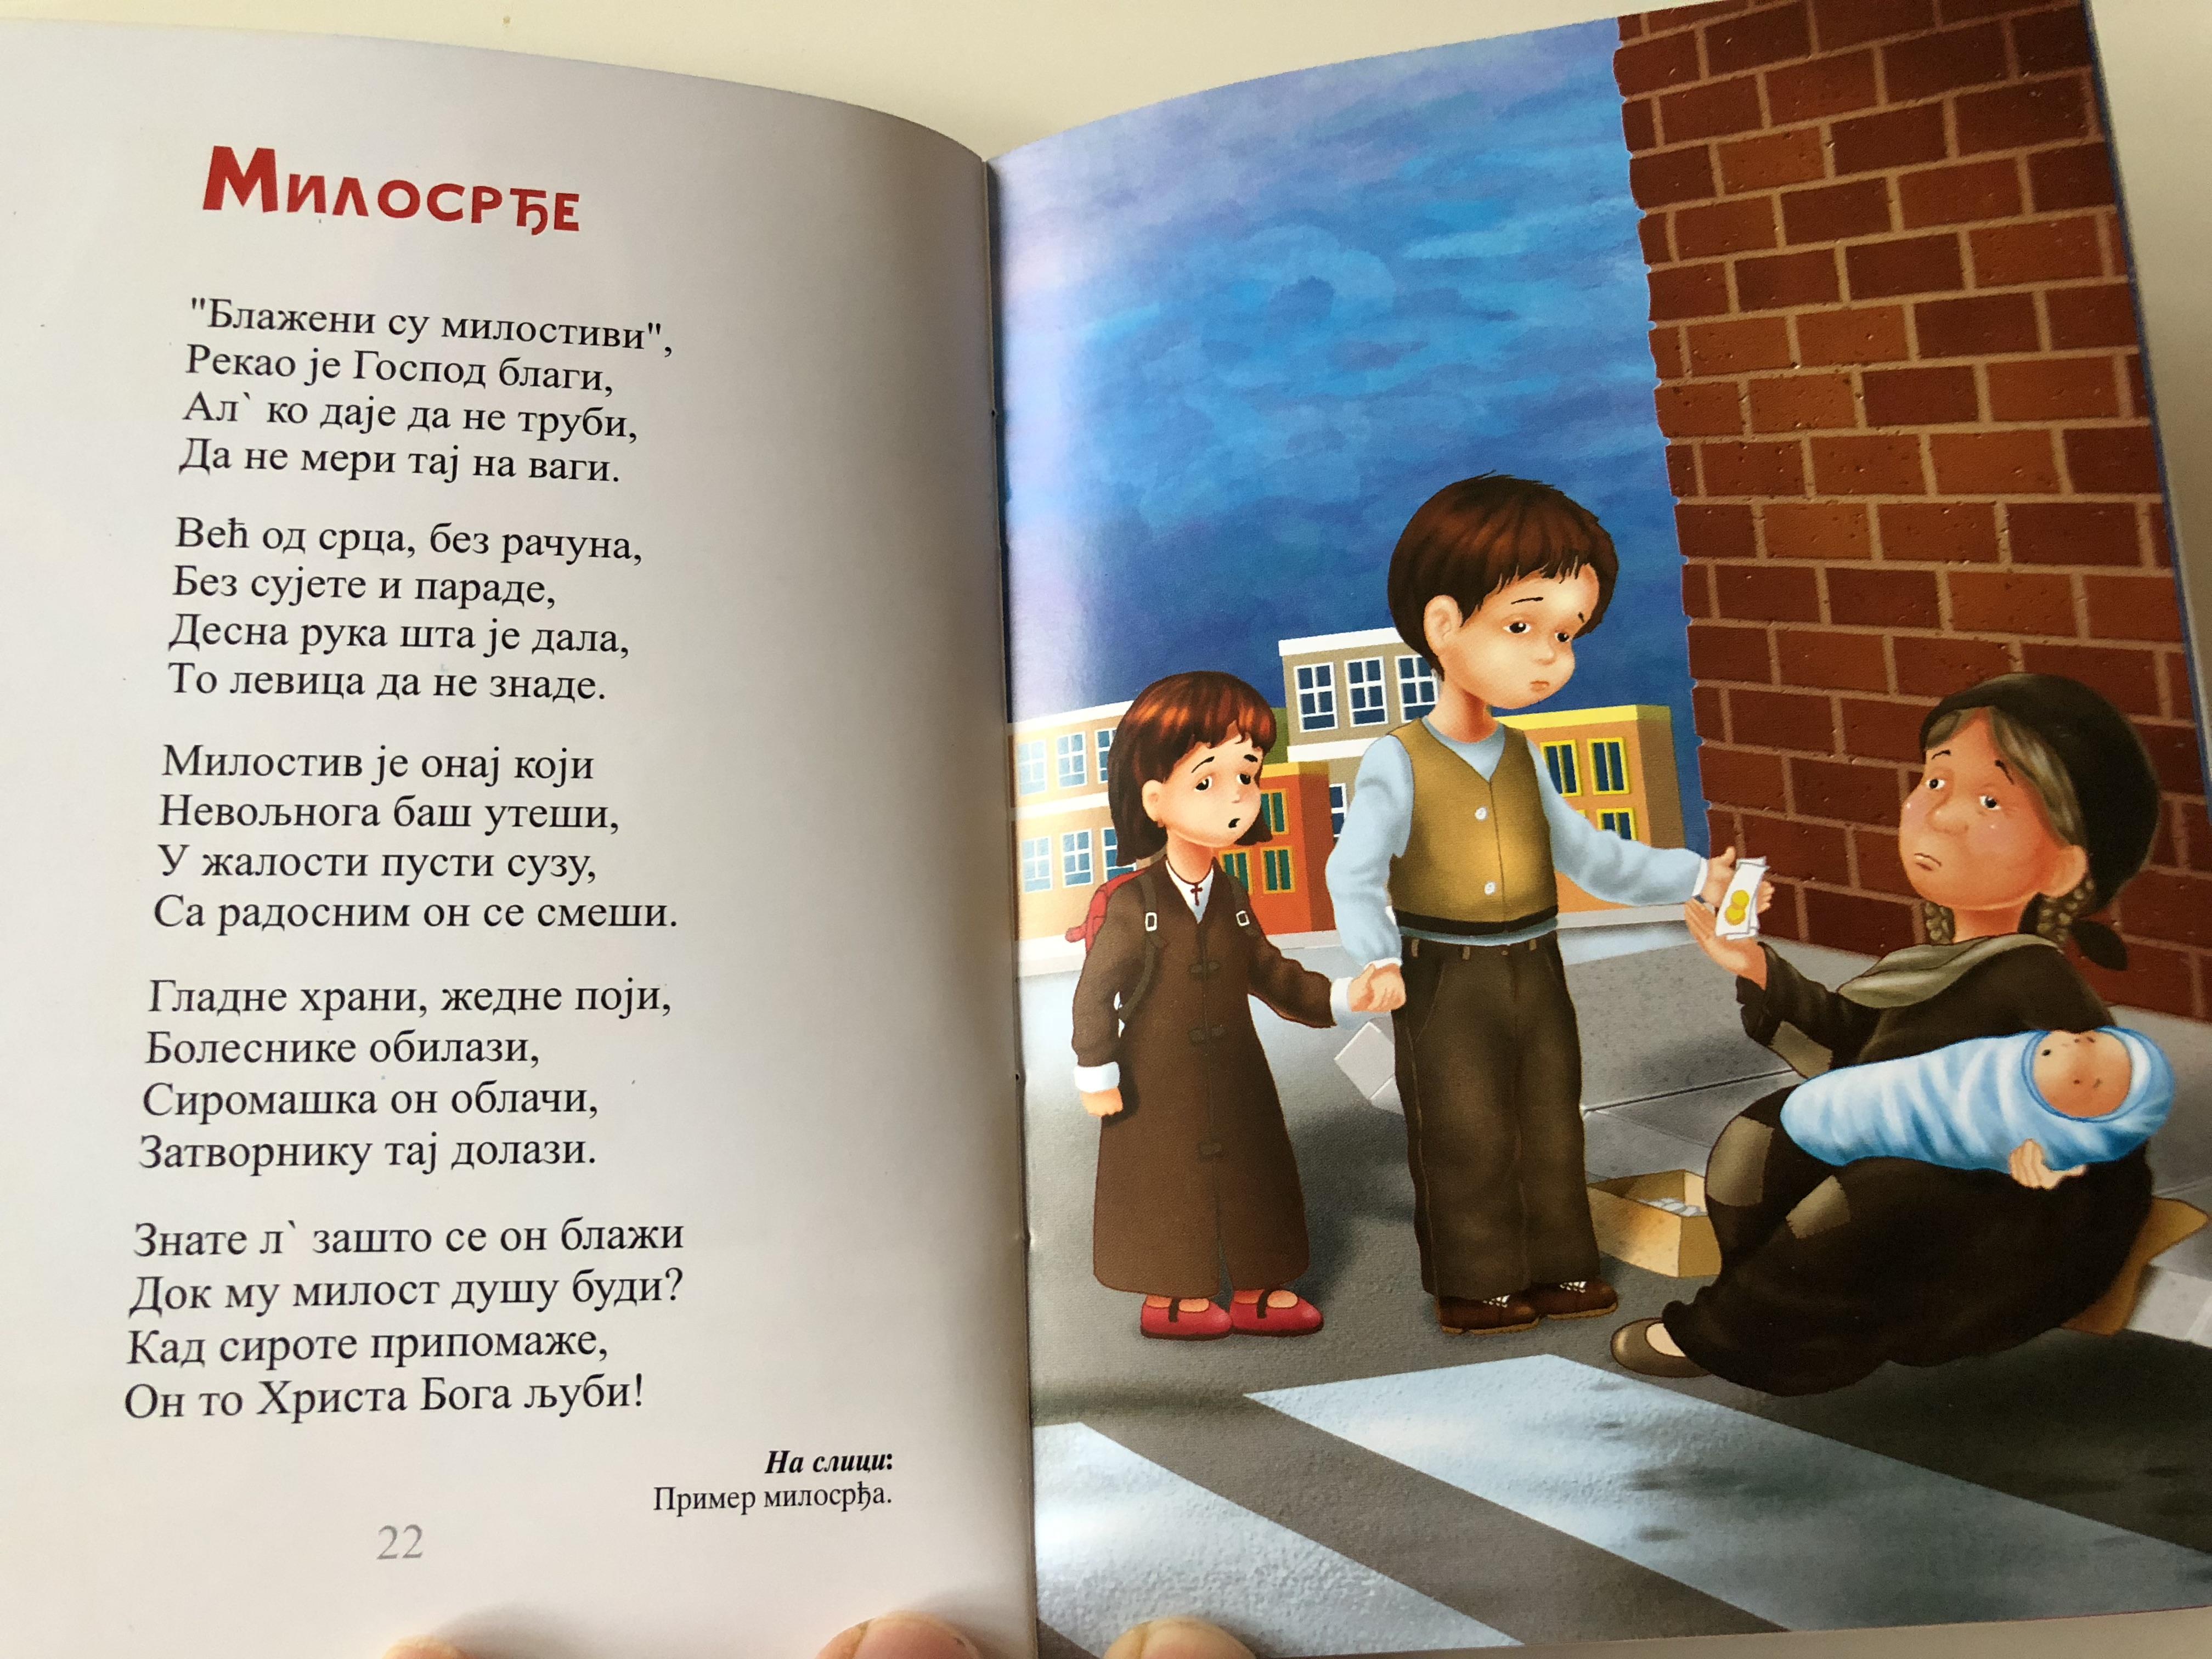 serbian-orthodox-storybook-virtues-of-saints-11-.jpg